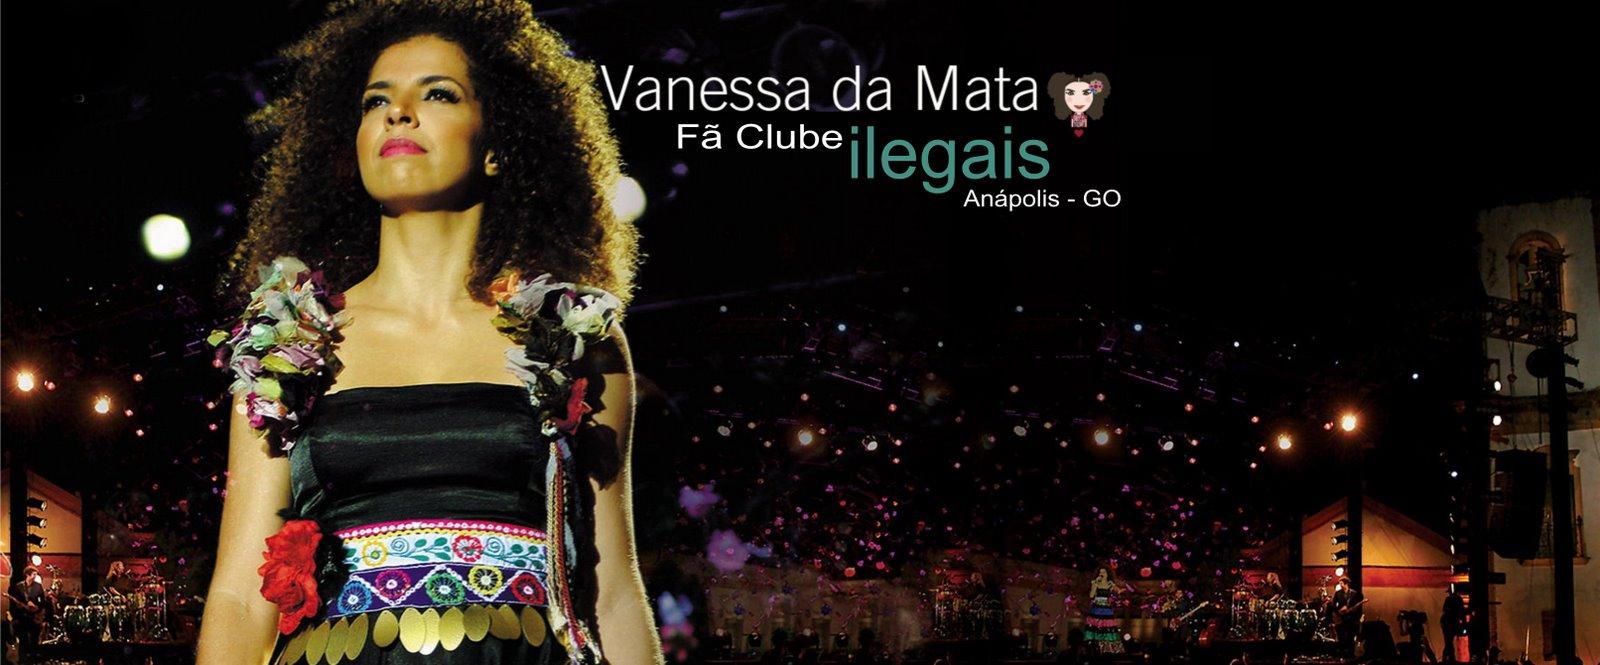 Fã Clube Vanessa da Mata